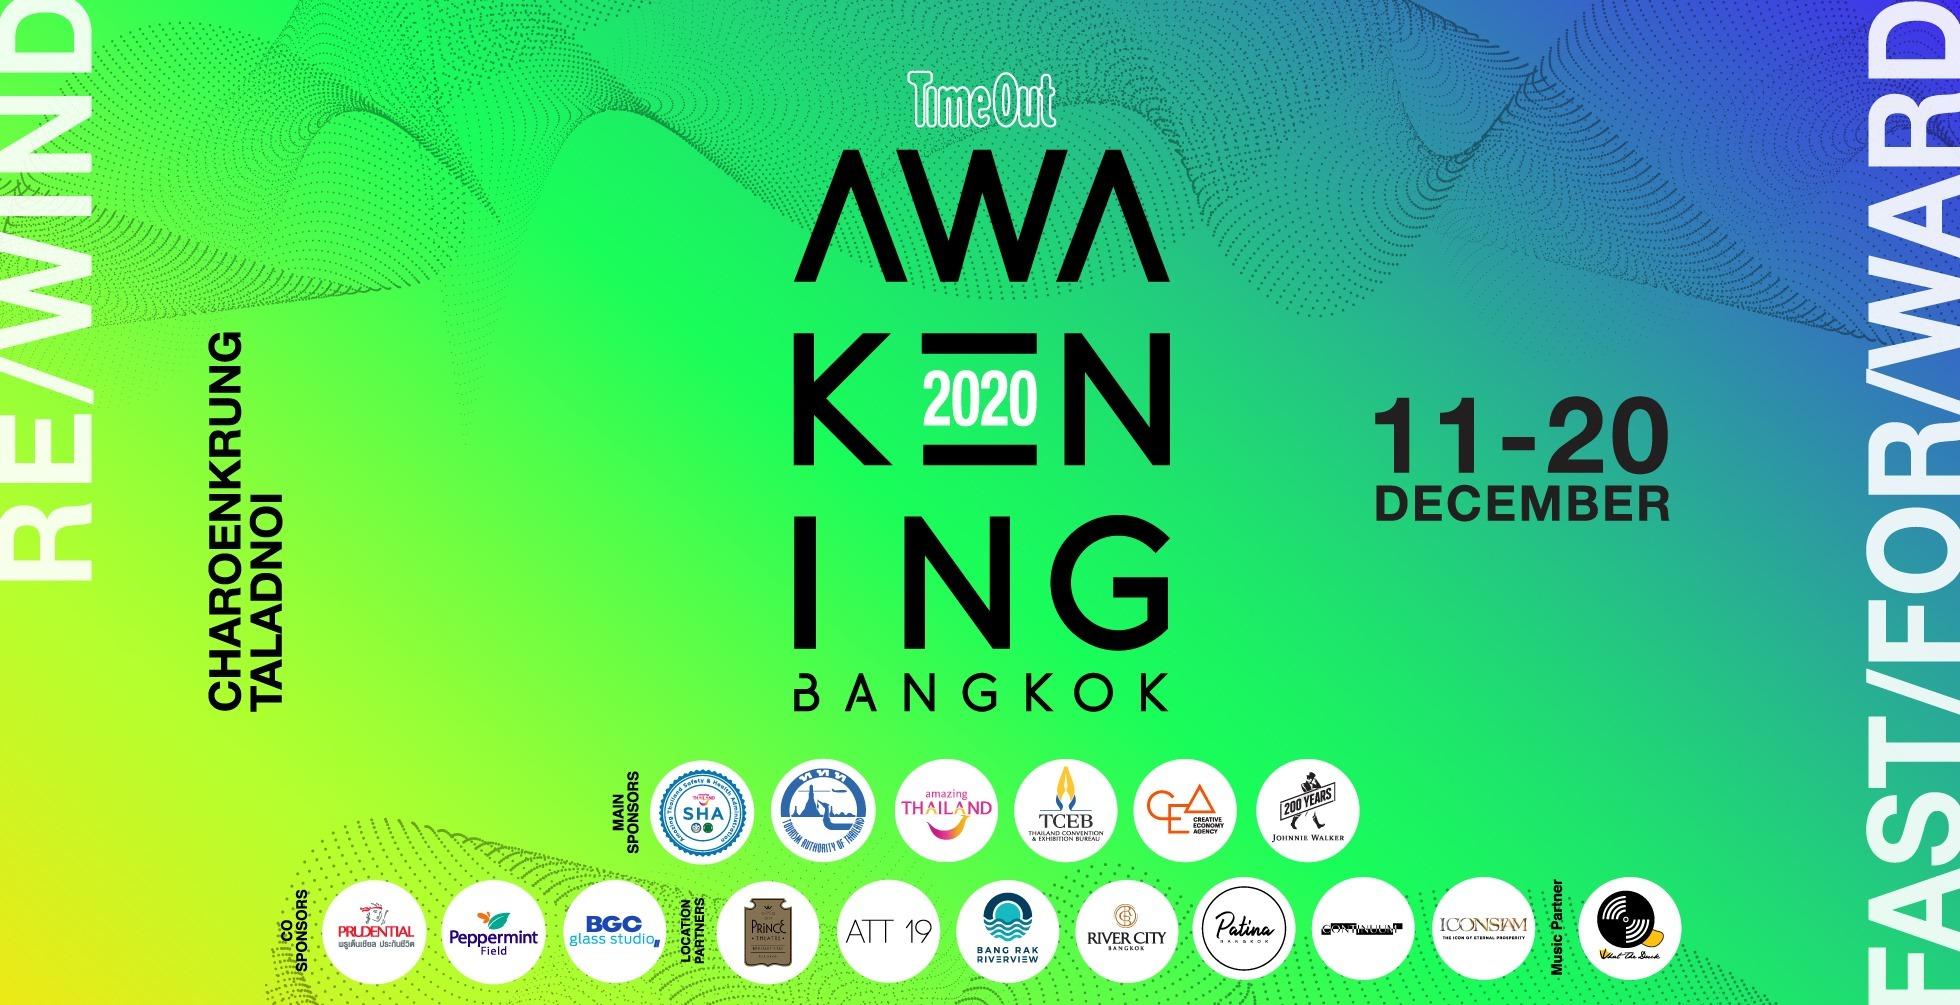 Awakening Bangkok 2020